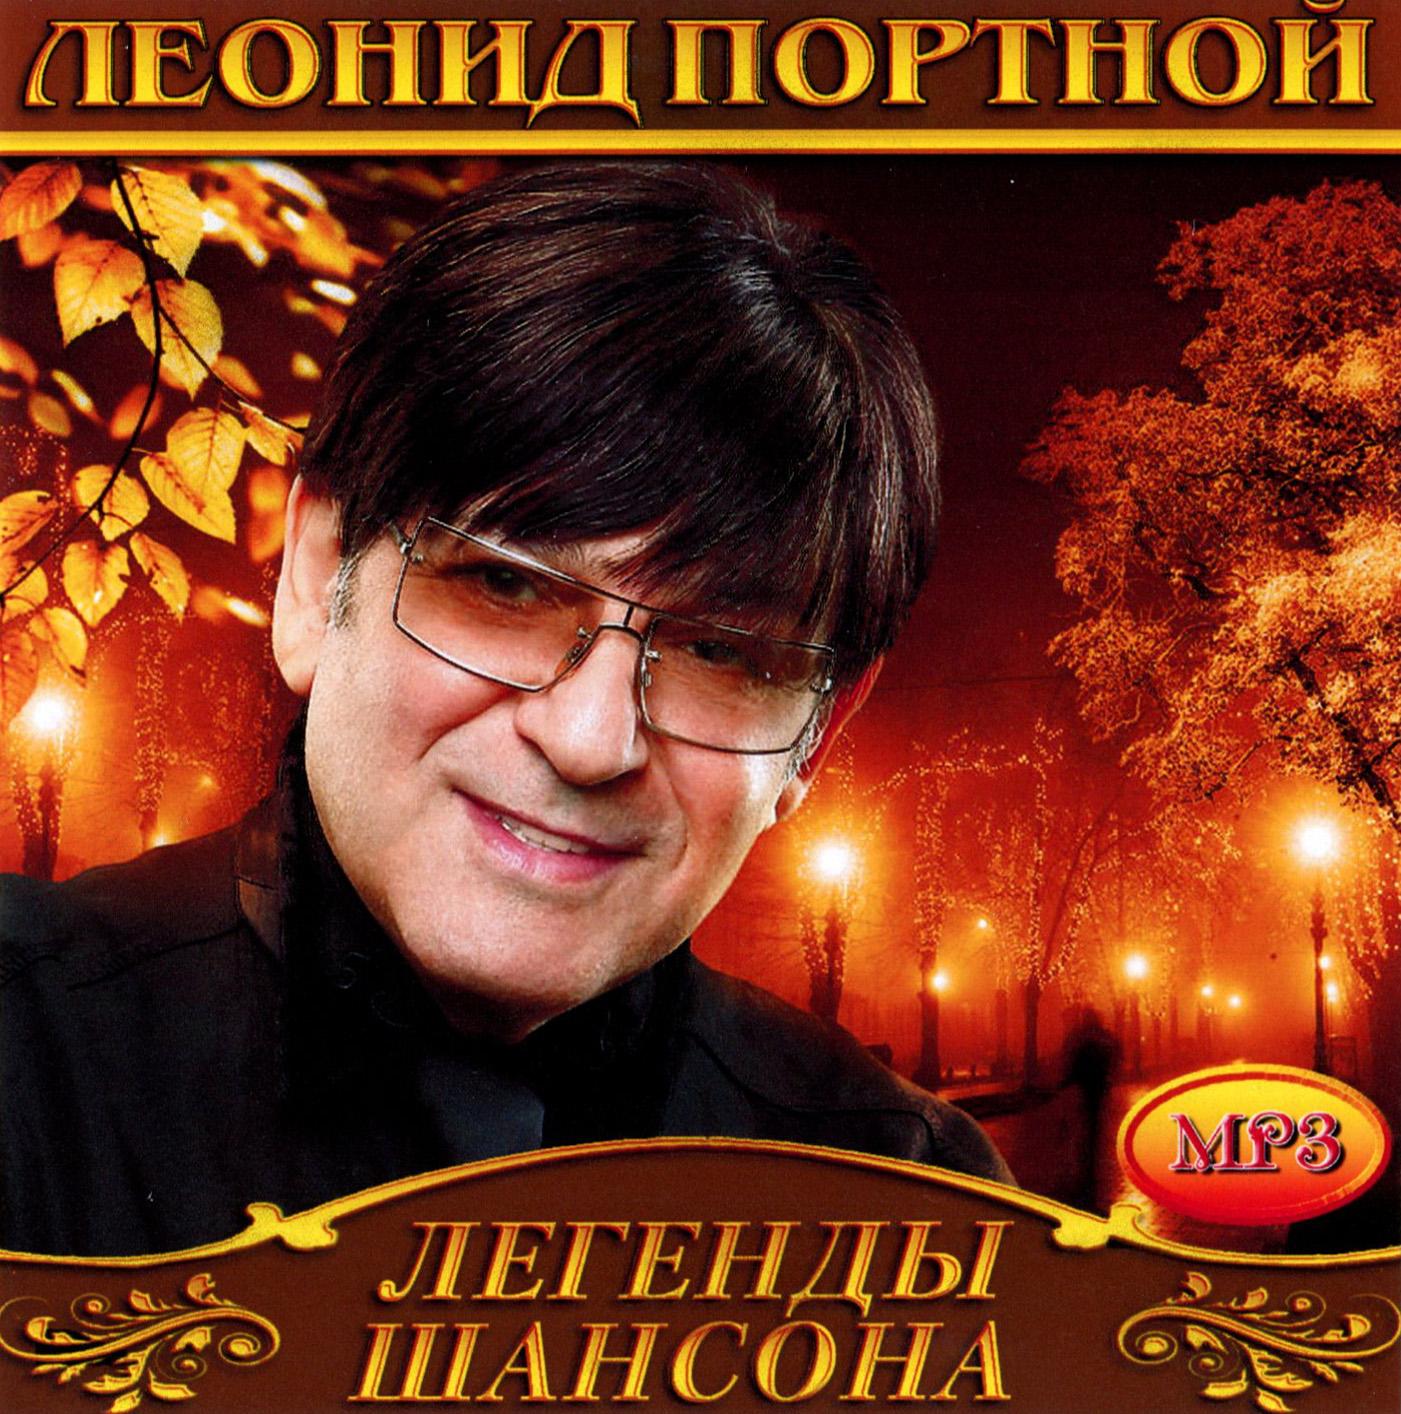 Леонид Портной [mp3]